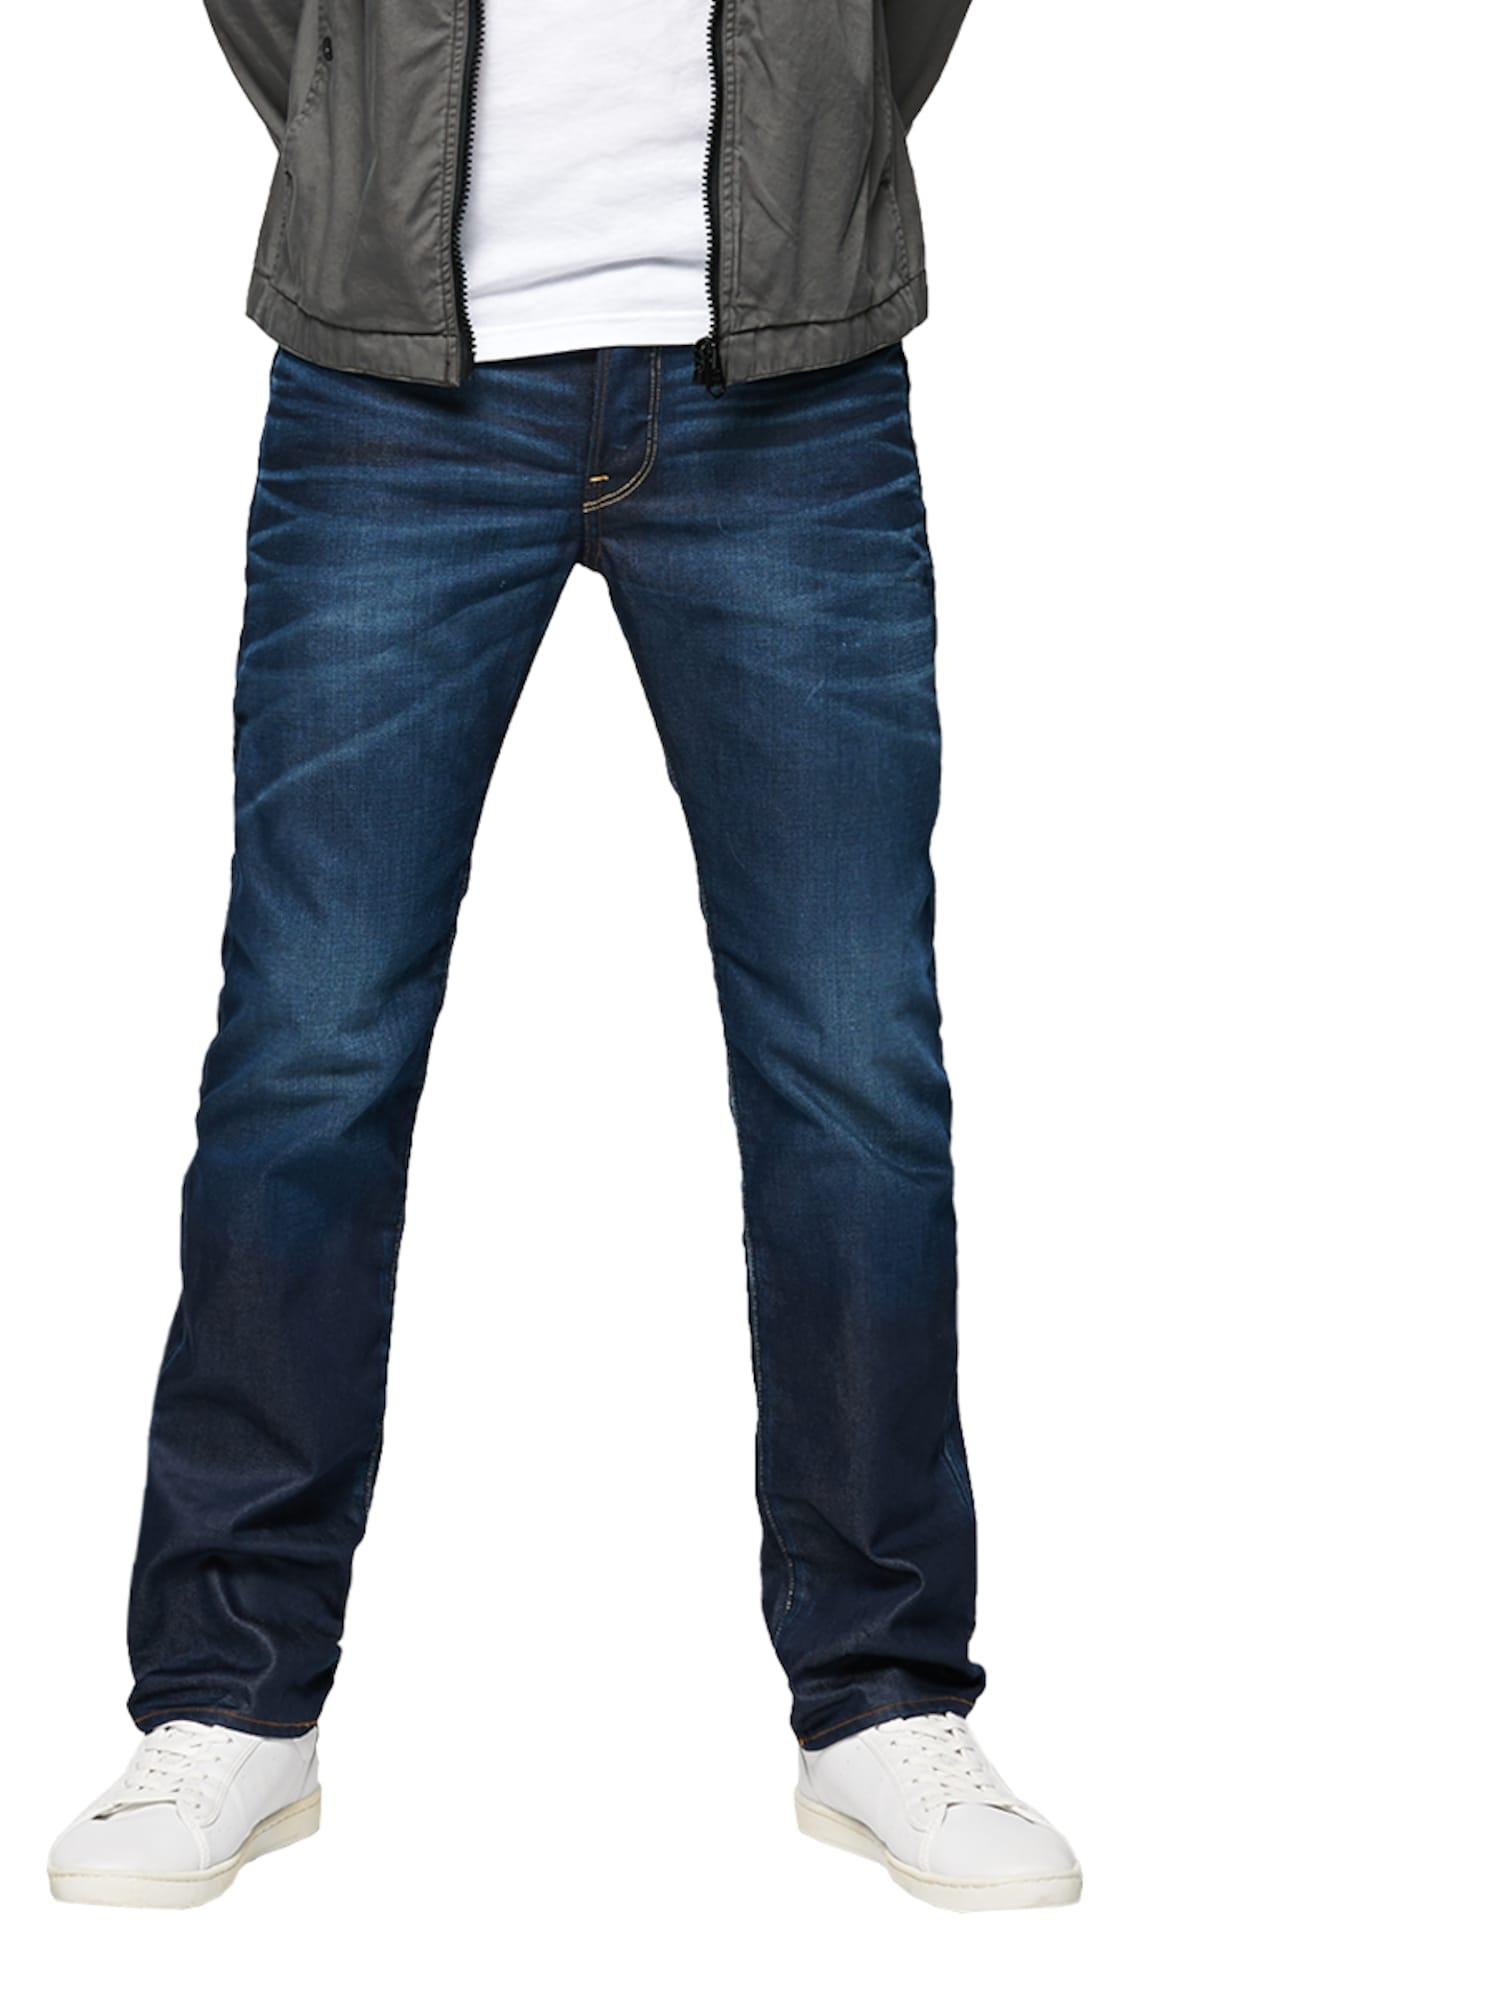 G-STAR RAW Heren Jeans 3301 Straight donkerblauw